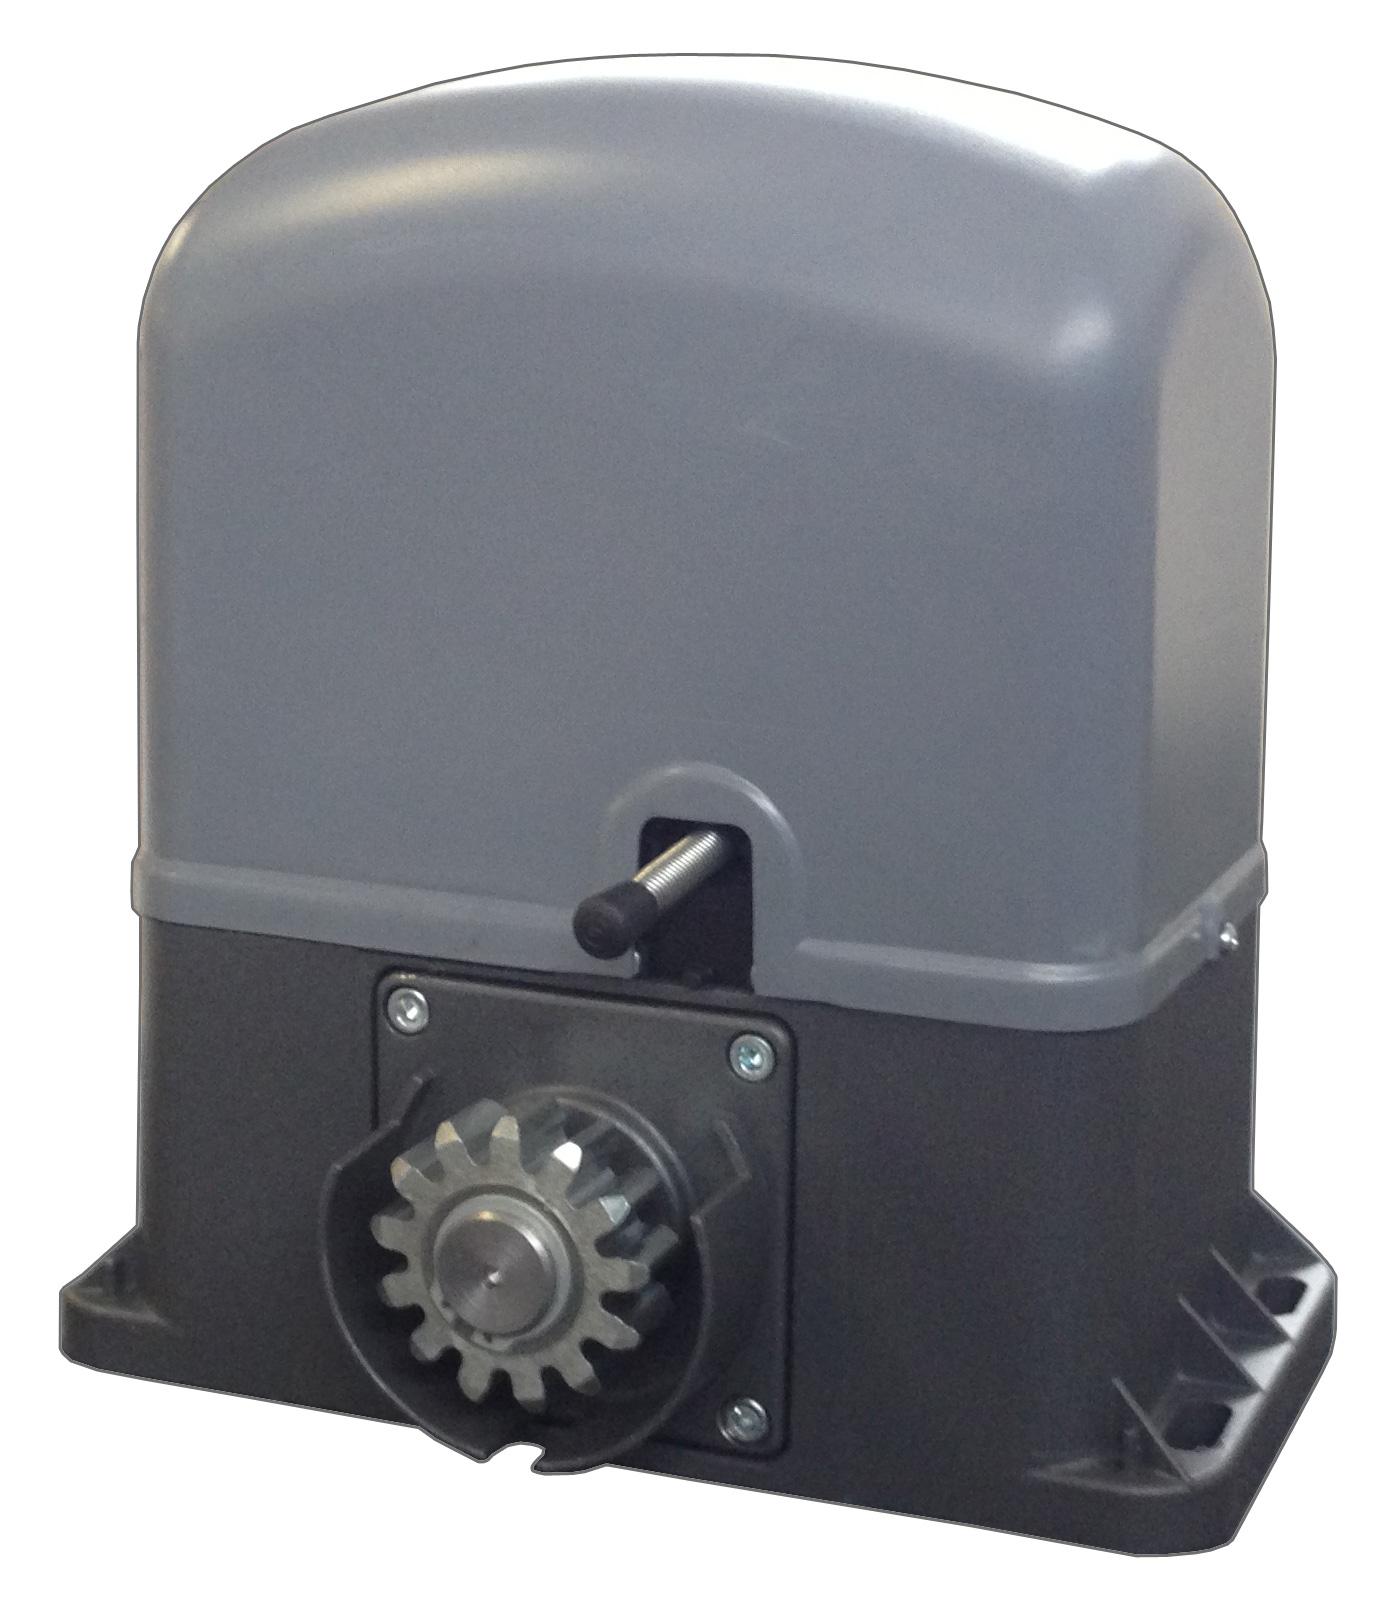 moteur 220v 300w pour portail coulissant 300 kgs trebi automatismes votre r f rence en. Black Bedroom Furniture Sets. Home Design Ideas